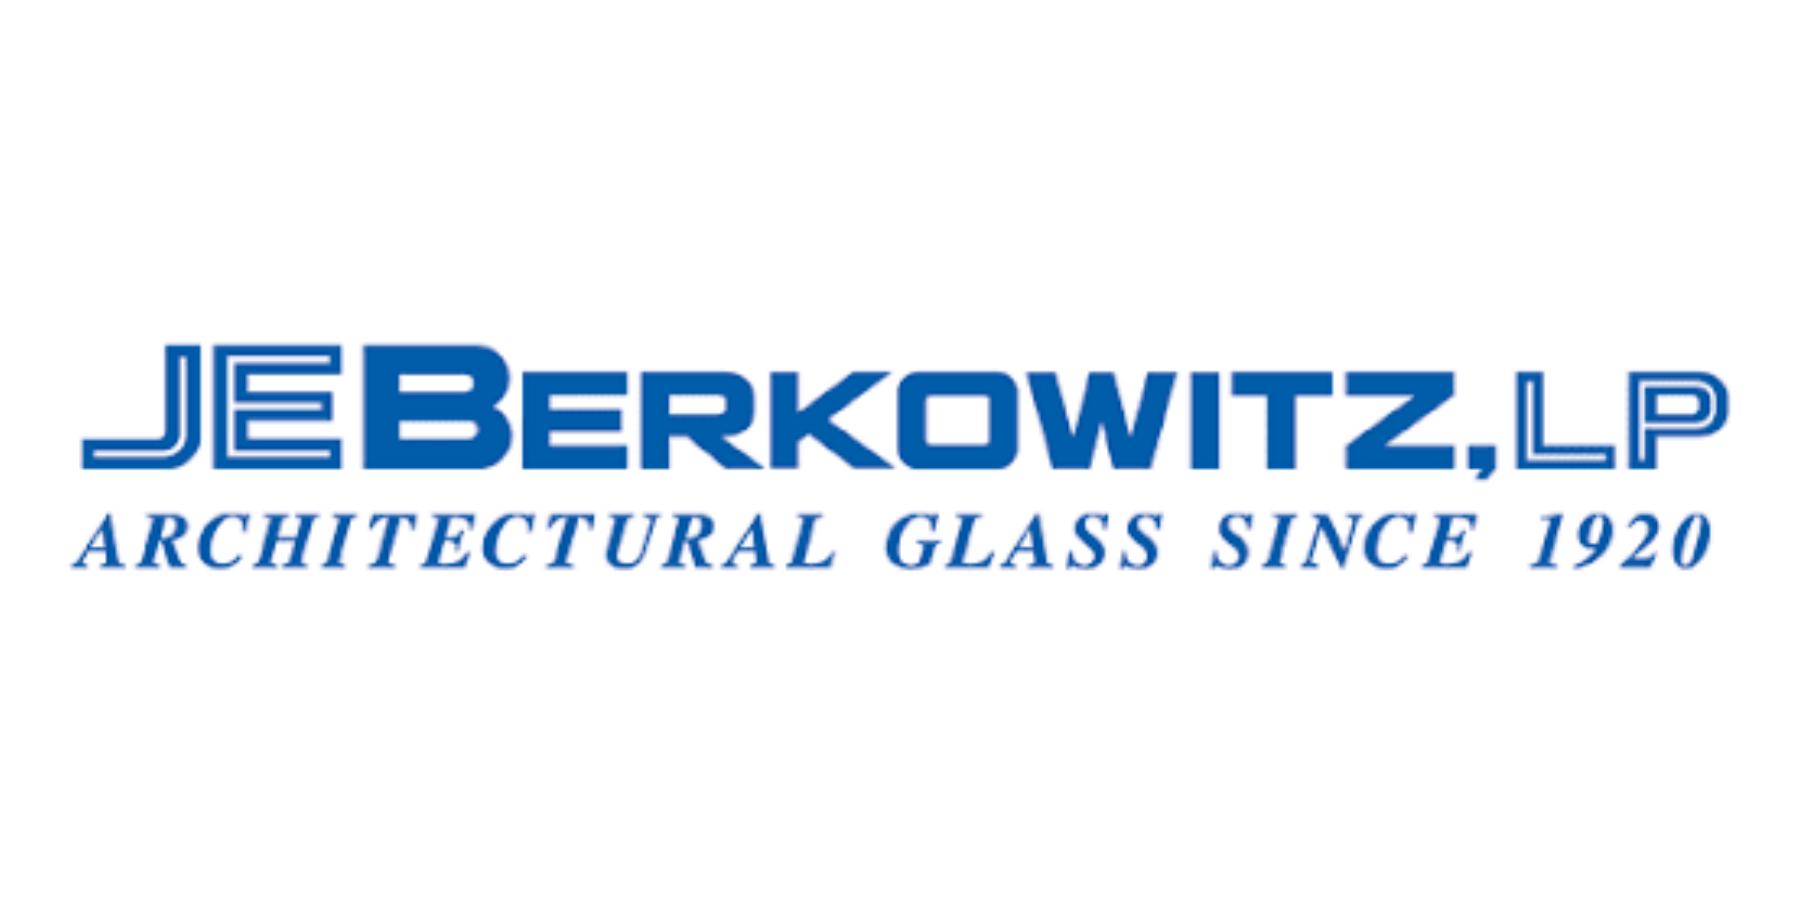 JE Berkowitz, LP